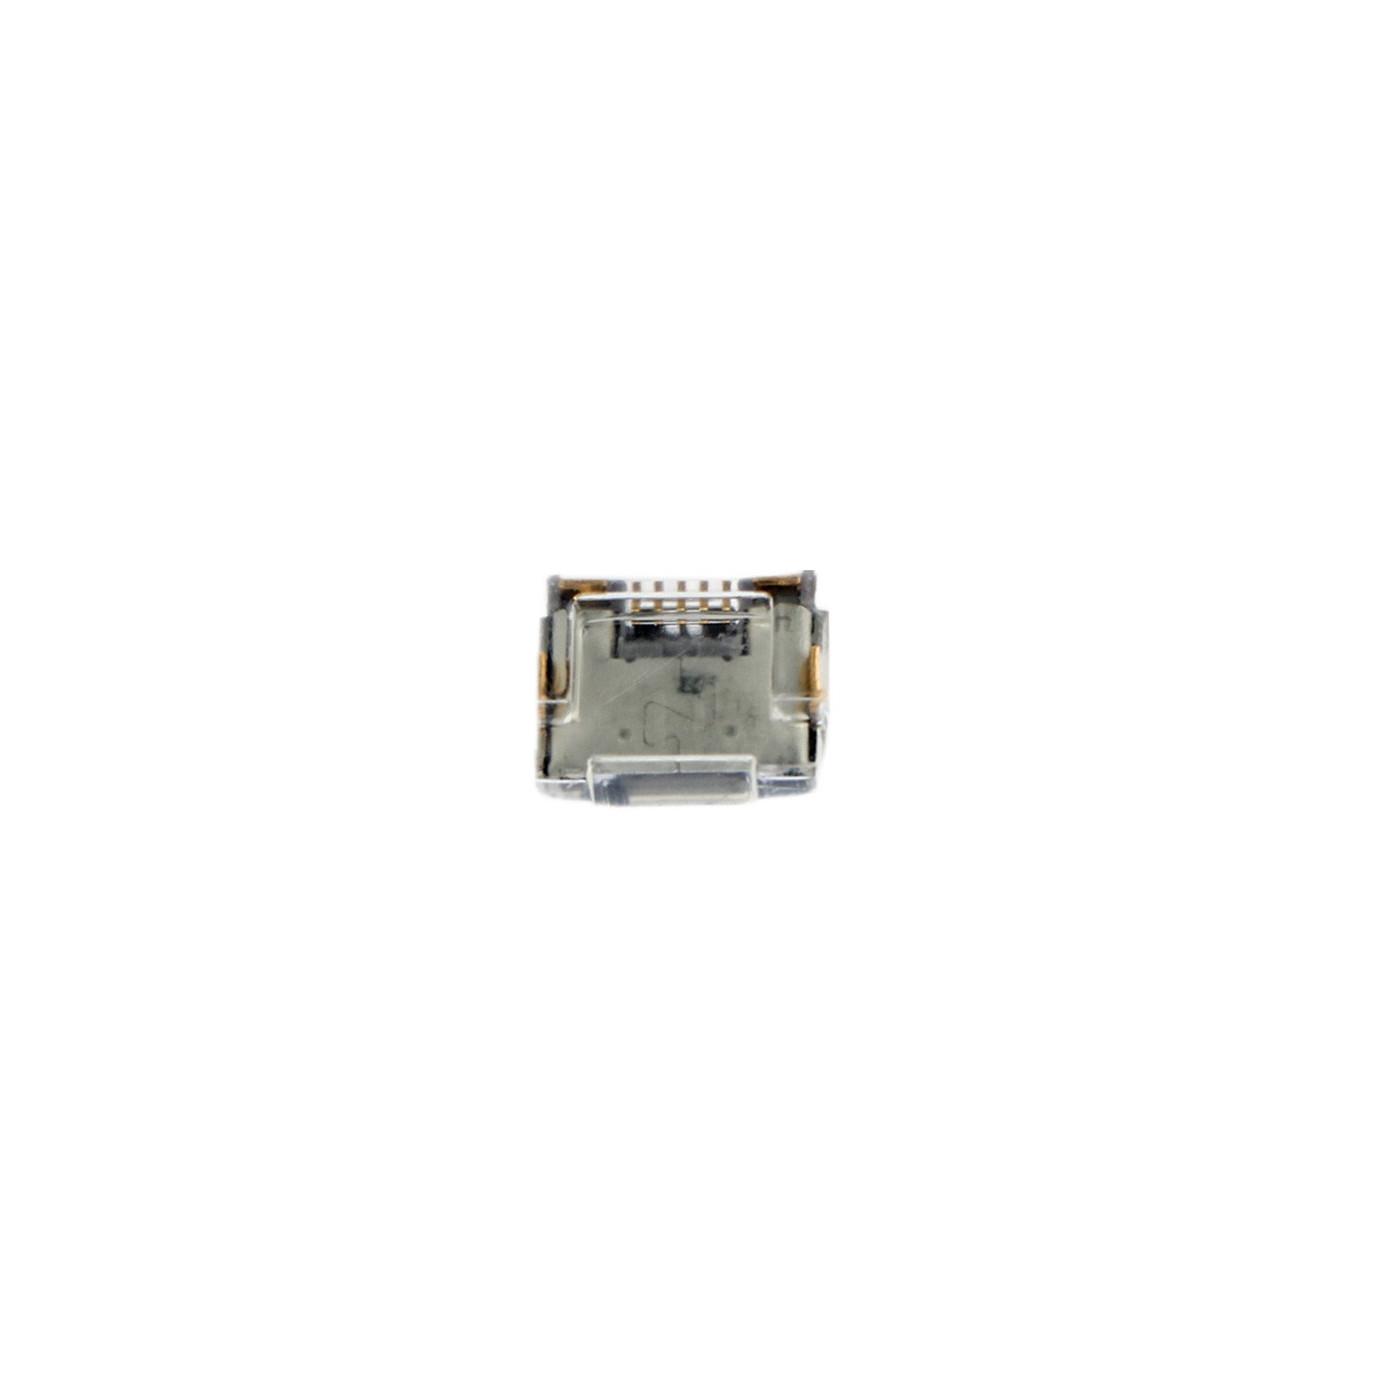 Connecteur de charge pour station de chargement de données Sony ST15i